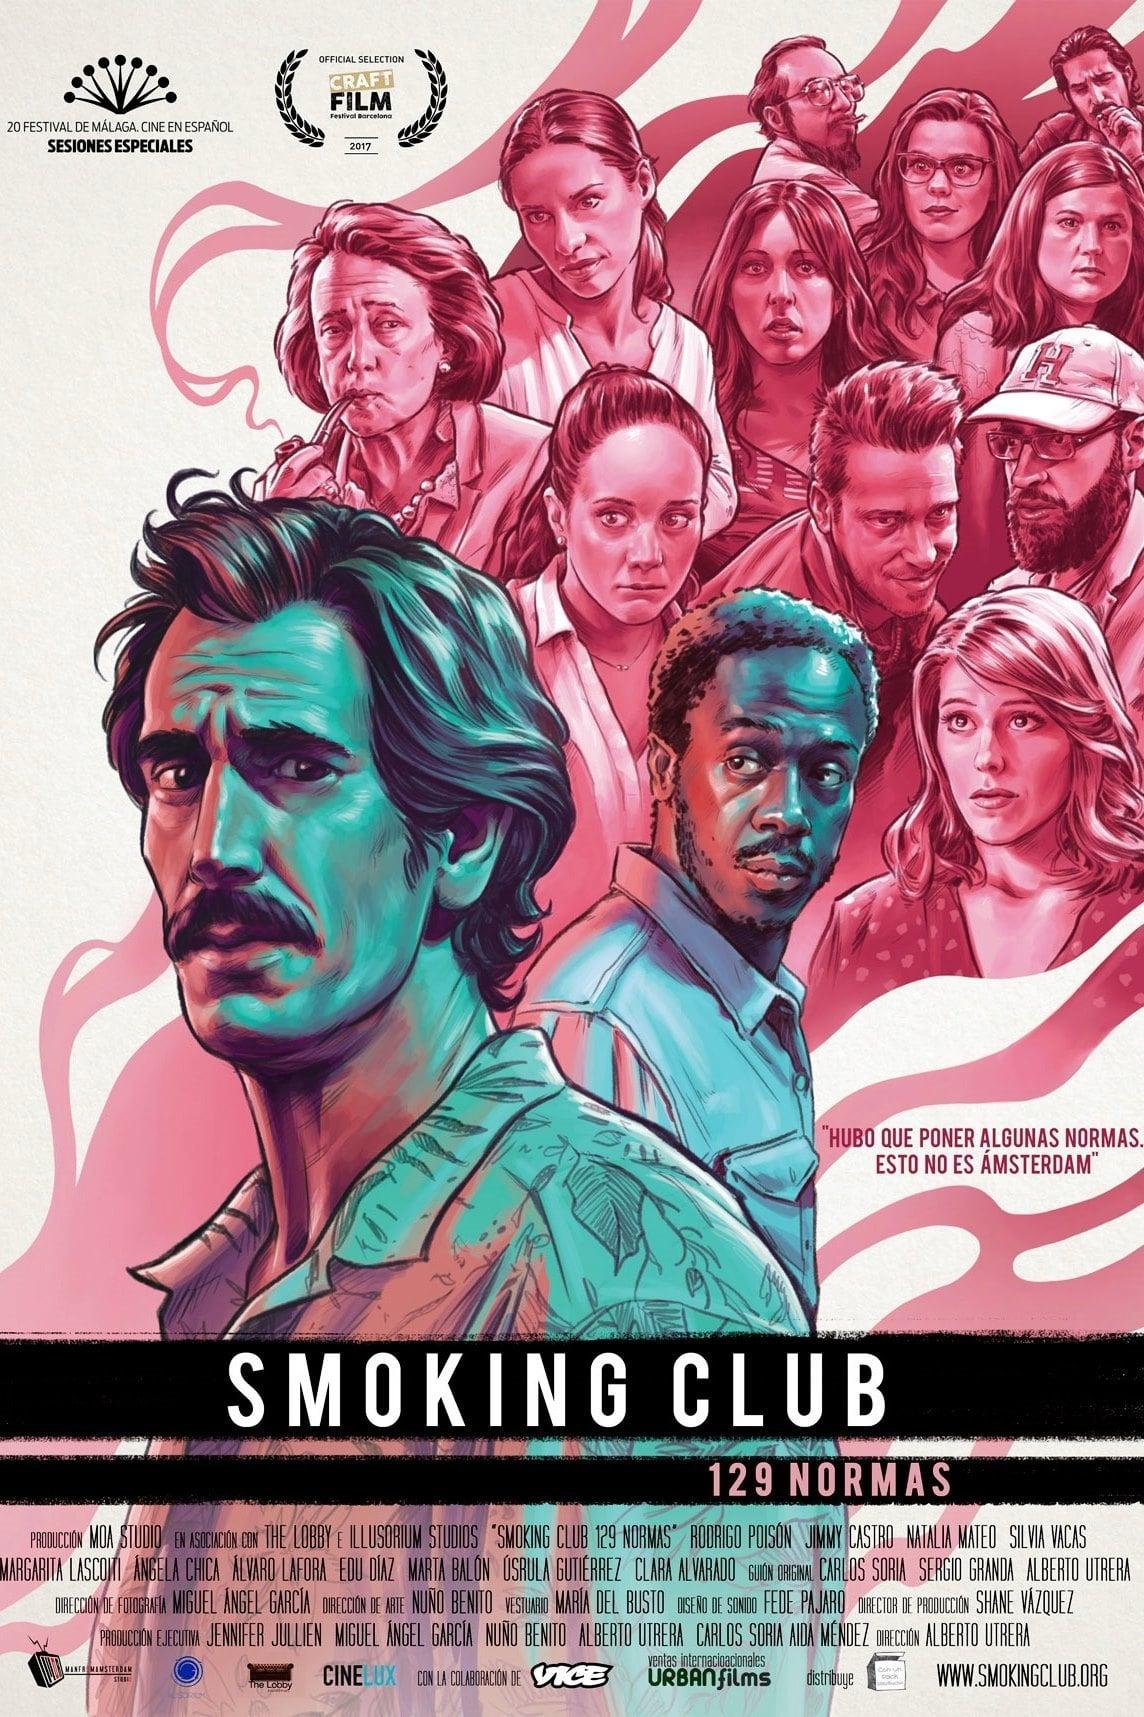 Póster Smoking Club (129 normas)